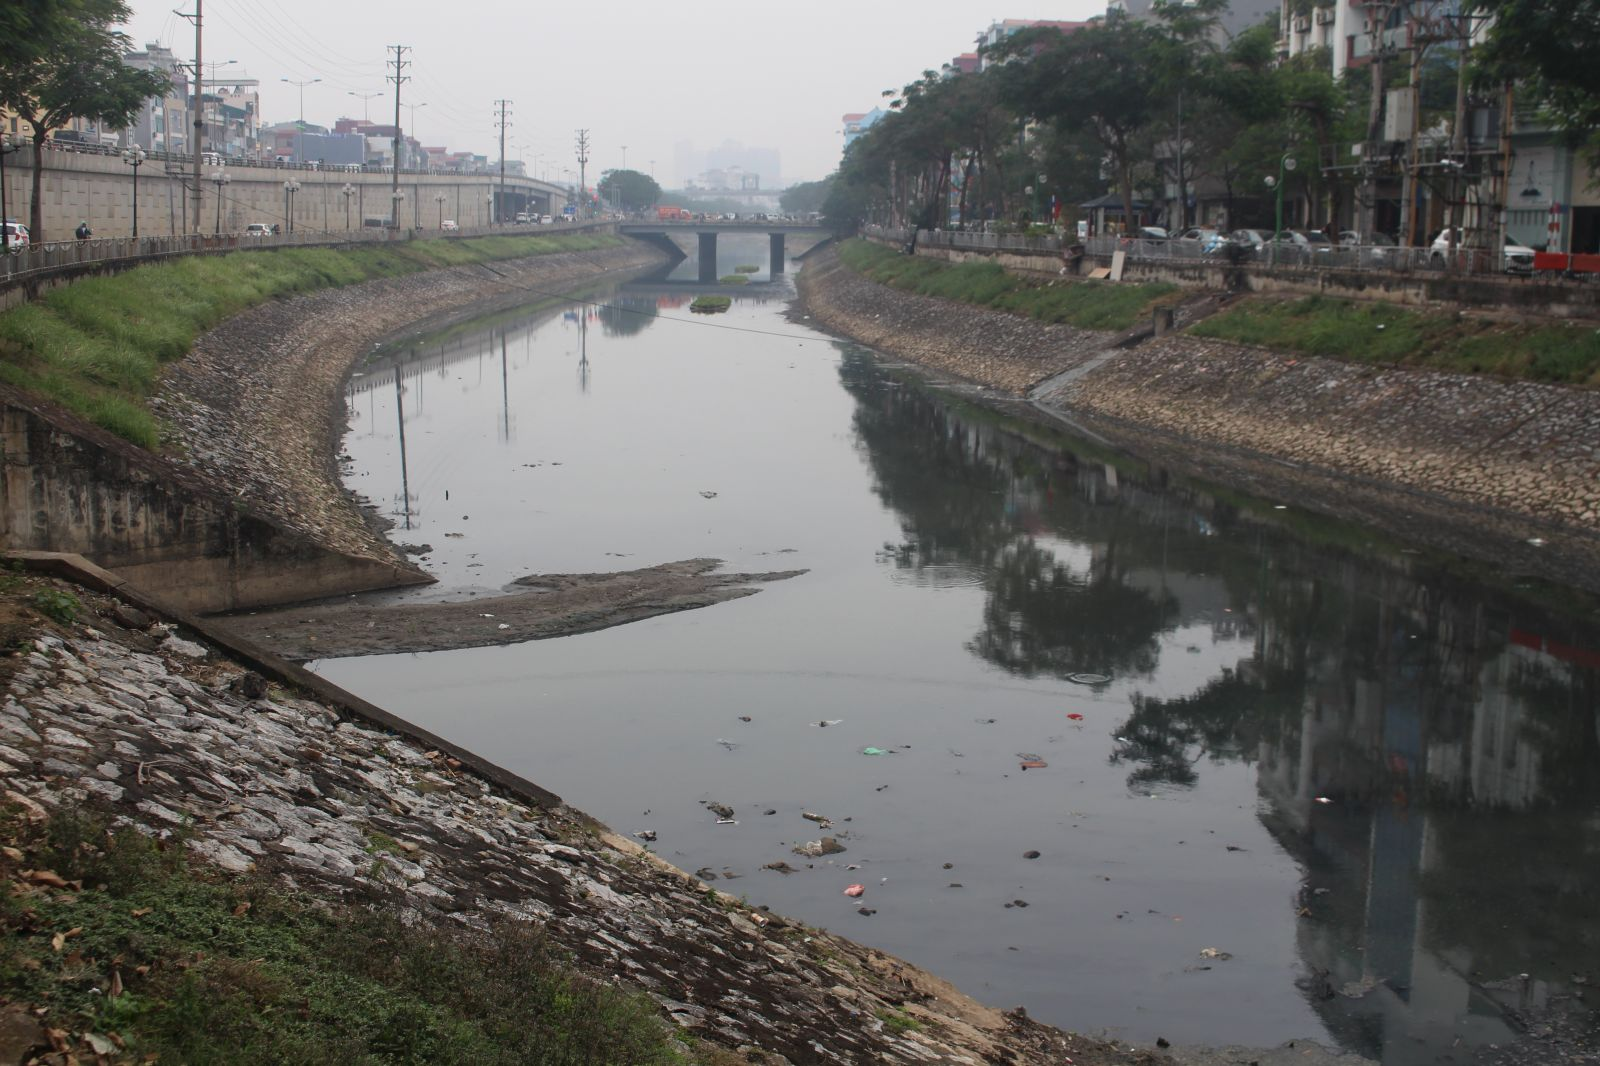 Trước sự ô nhiễm, mặt nước sông Tô Lịch thường xuất hiện những chất thải, rác thải chứ không phải là cá, hay các sinh vật khác.